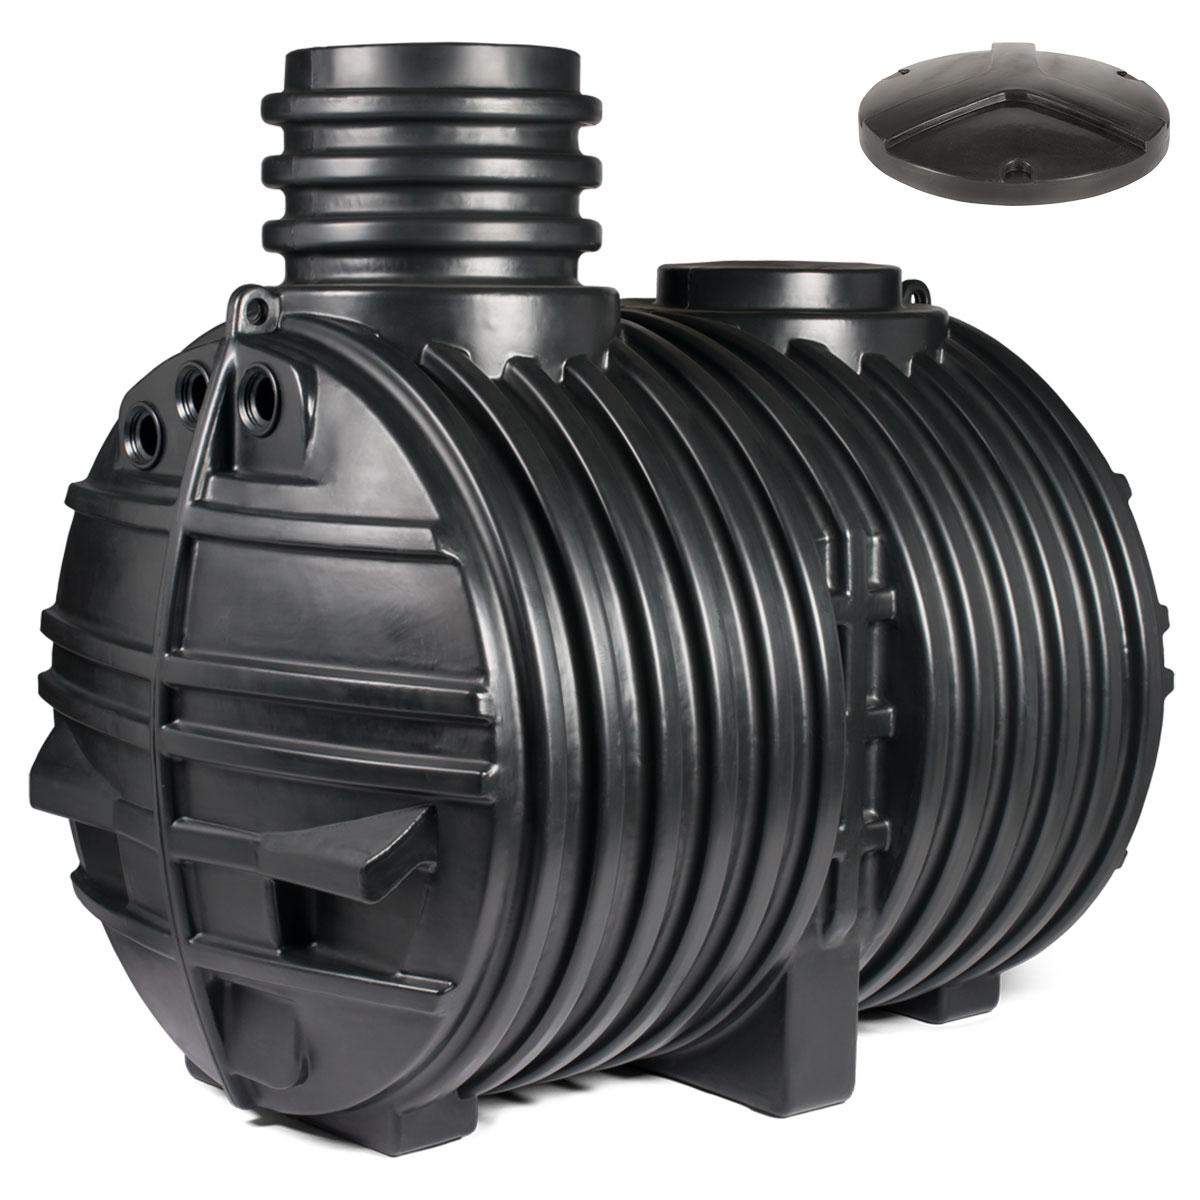 regenwassertank zisterne eco line 5000 liter inkl. Black Bedroom Furniture Sets. Home Design Ideas